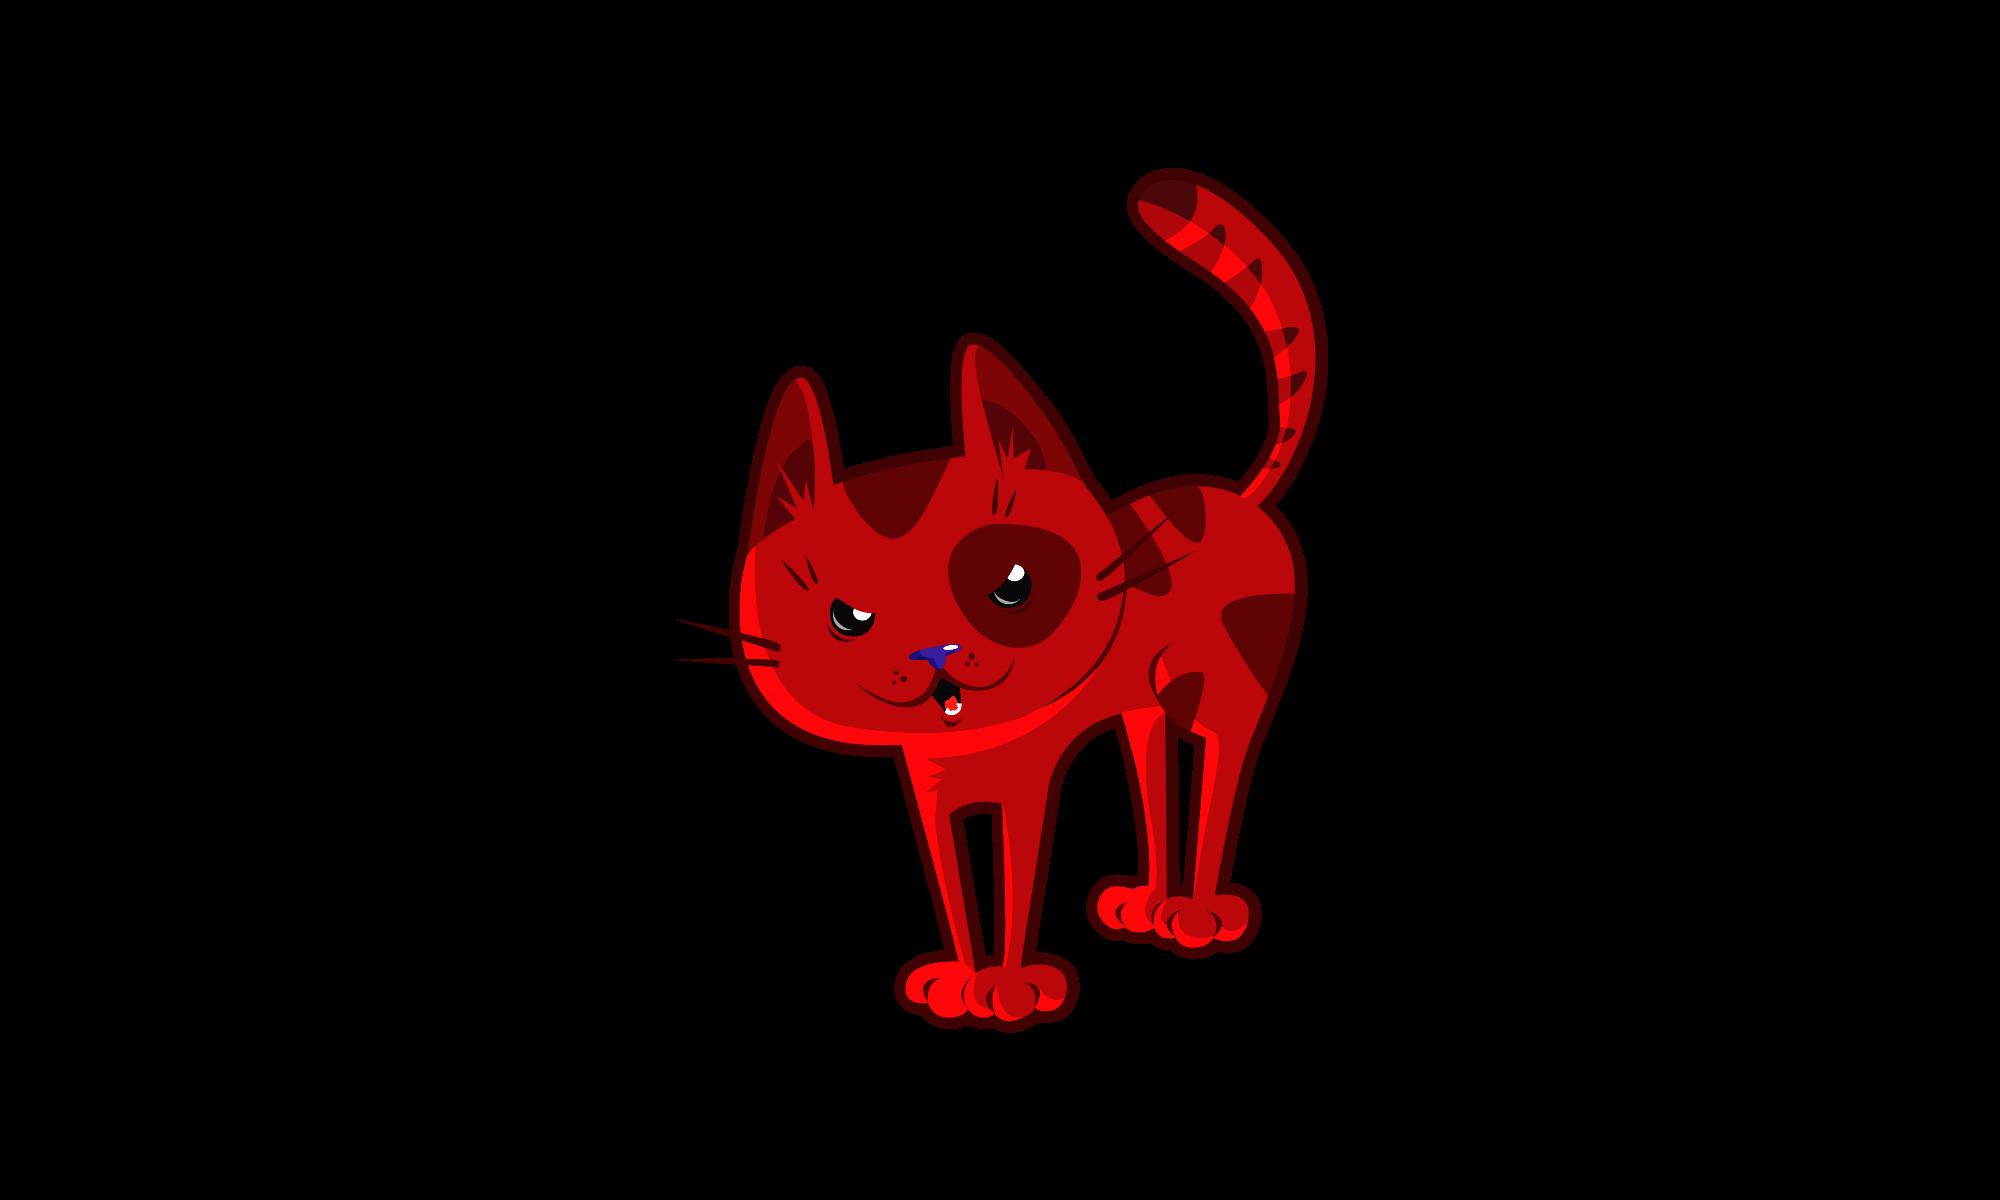 Hellcat5